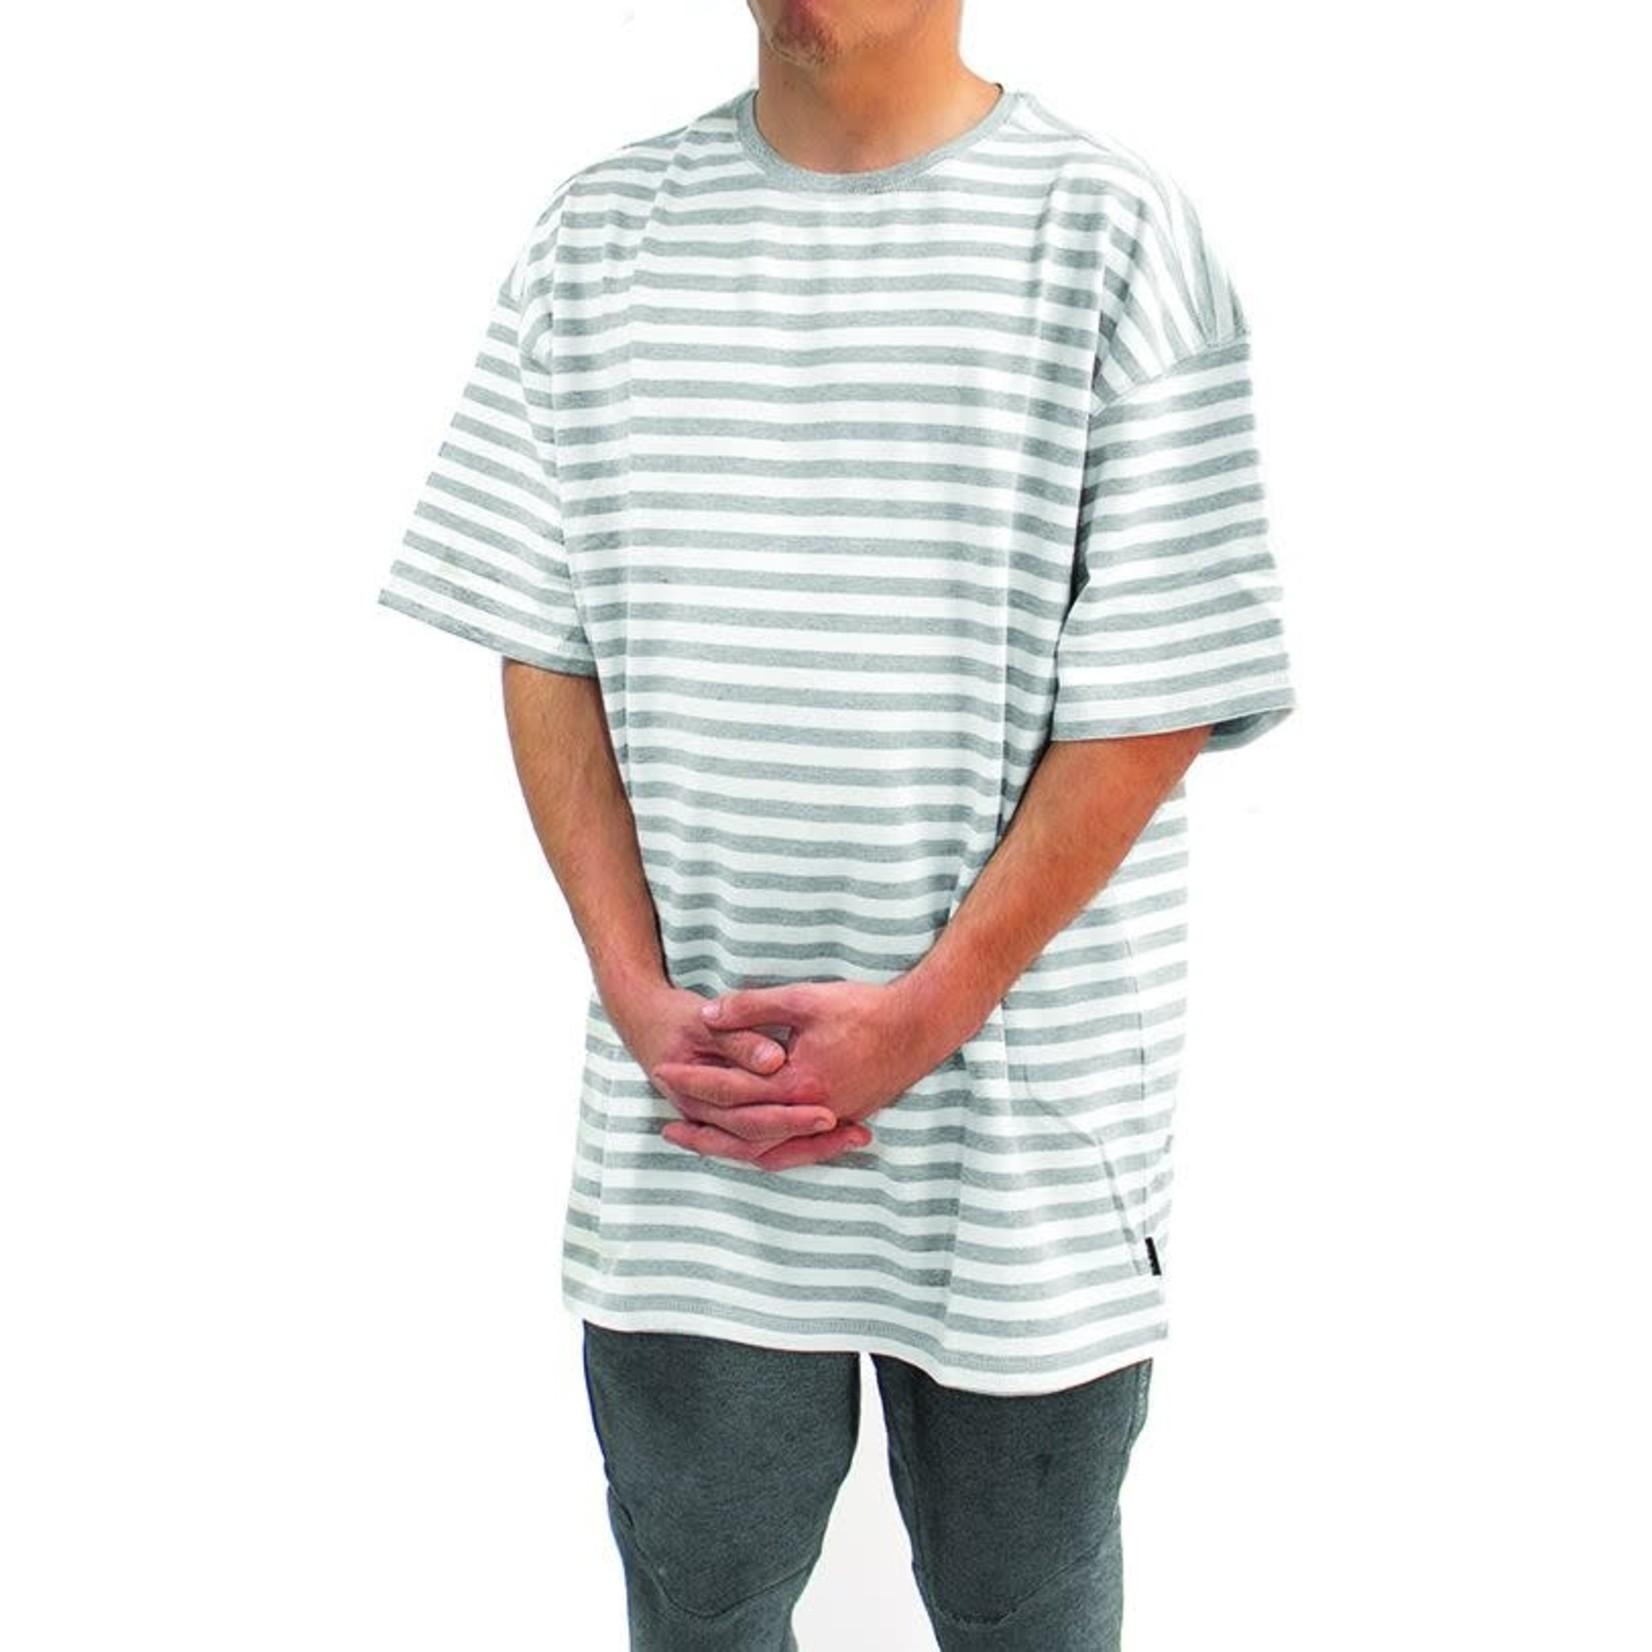 WLKN WLKN : Waldo T-Shirt